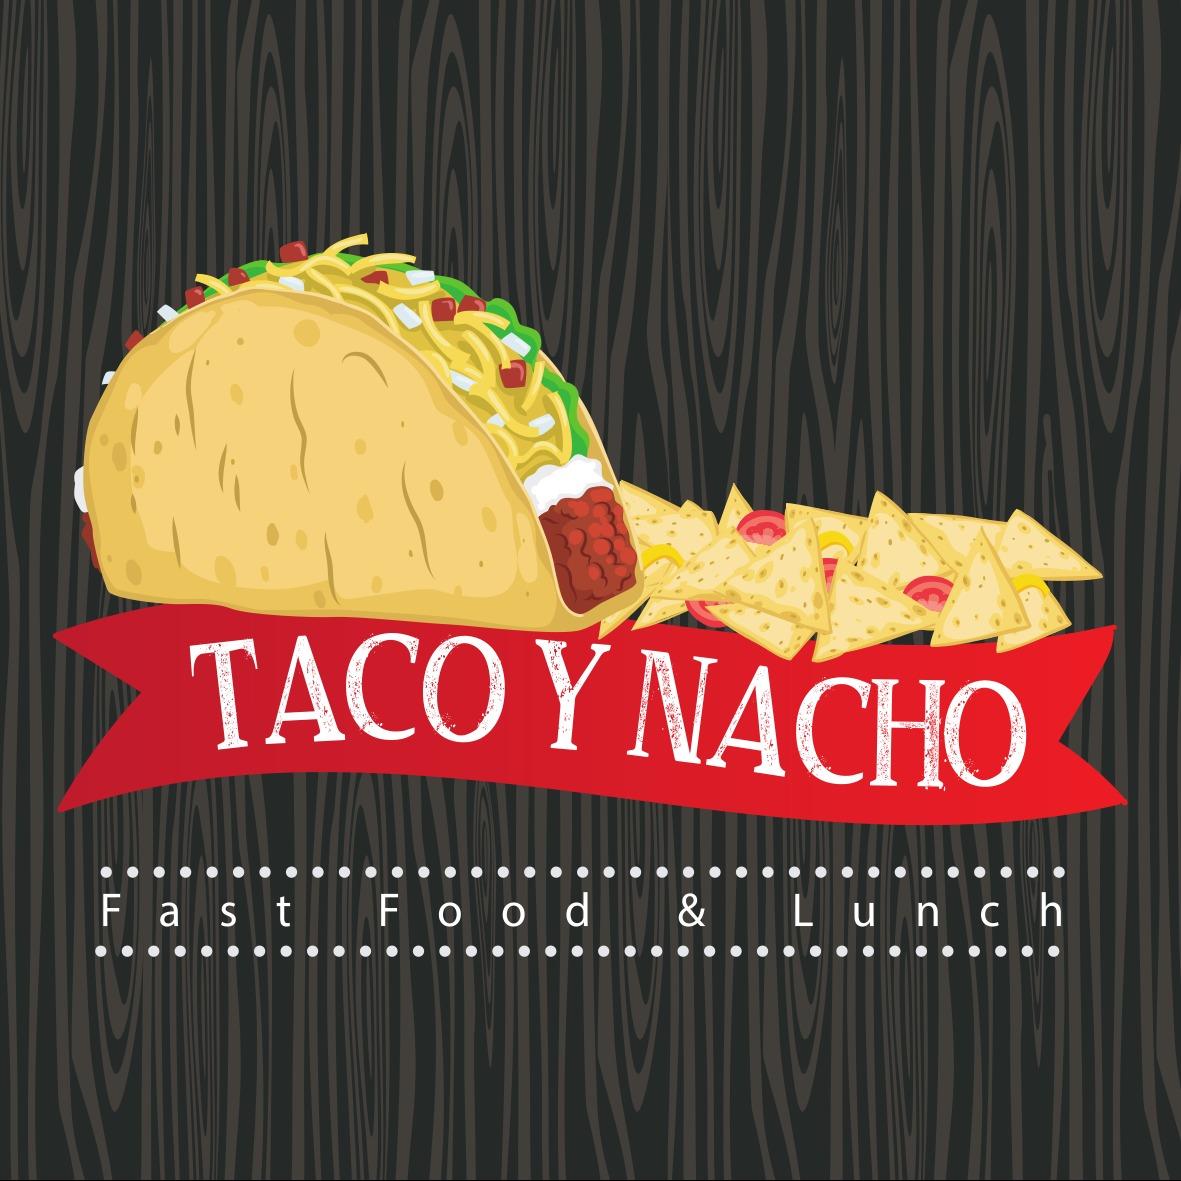 Taco y Nacho logo